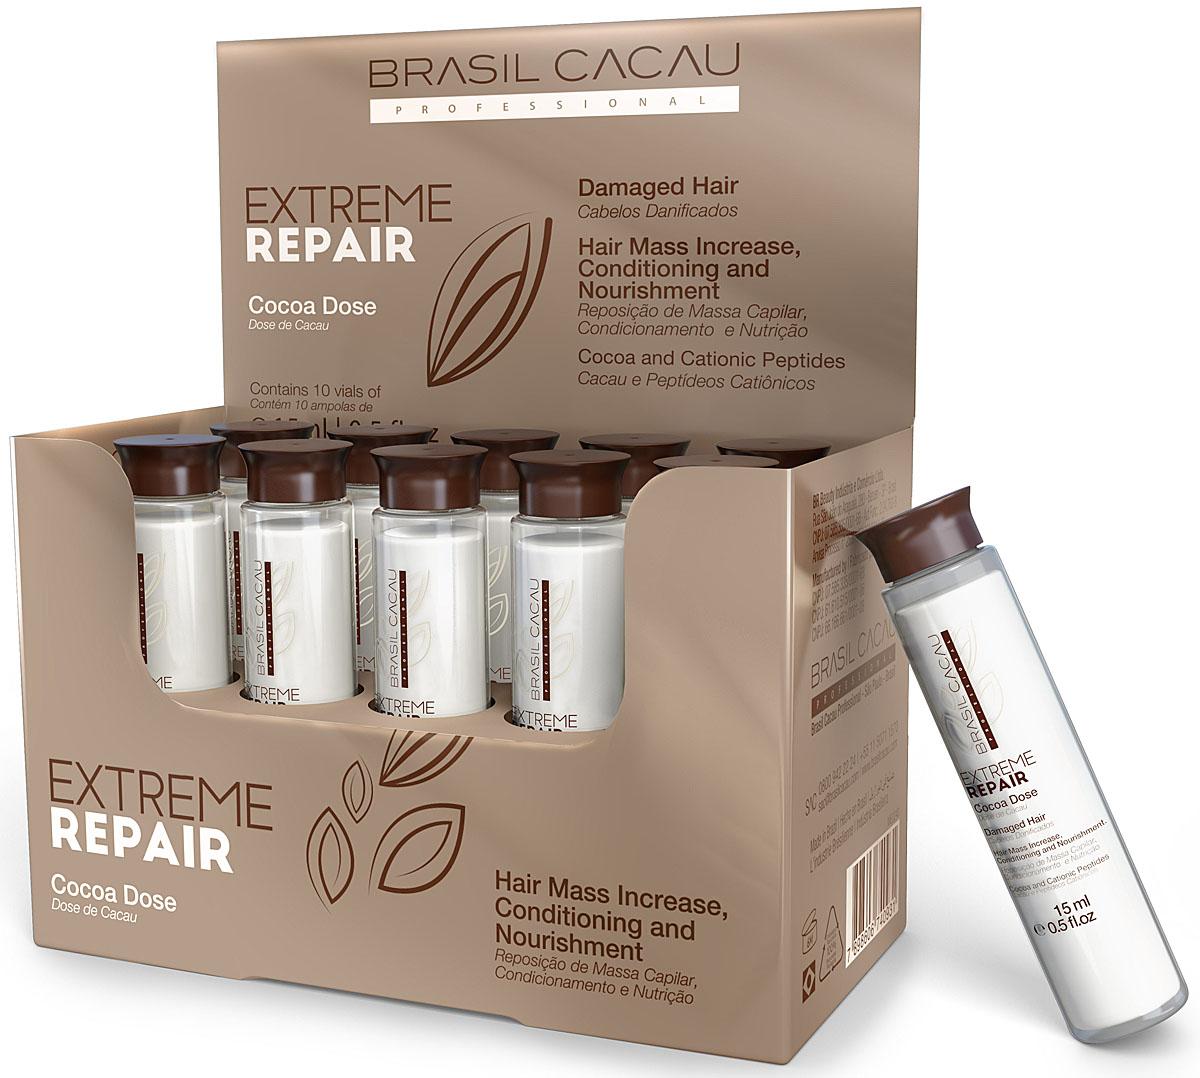 Brasil Cacau Концентрат в ампулах Extreme Repair 10 ампул по 15 млMP59.4DВосстанавливающий концентрат. Работа с поврежденными волокнами волоса. Интенсивно питает и восстанавливает структурную целостность волос от кутикулы до кортекса. Повышает прочность и эластичность, защищает от воздействий окружающей среды ,от химических воздействий. Способствует мгновенному насыщению питательными ингредиентами. Восстанавливает структуру волоса изнутри. Обогащен молочной кислотой, богат антиоксидантами, содержит масло Ши, масло Какао, защищает волосы от повреждений.